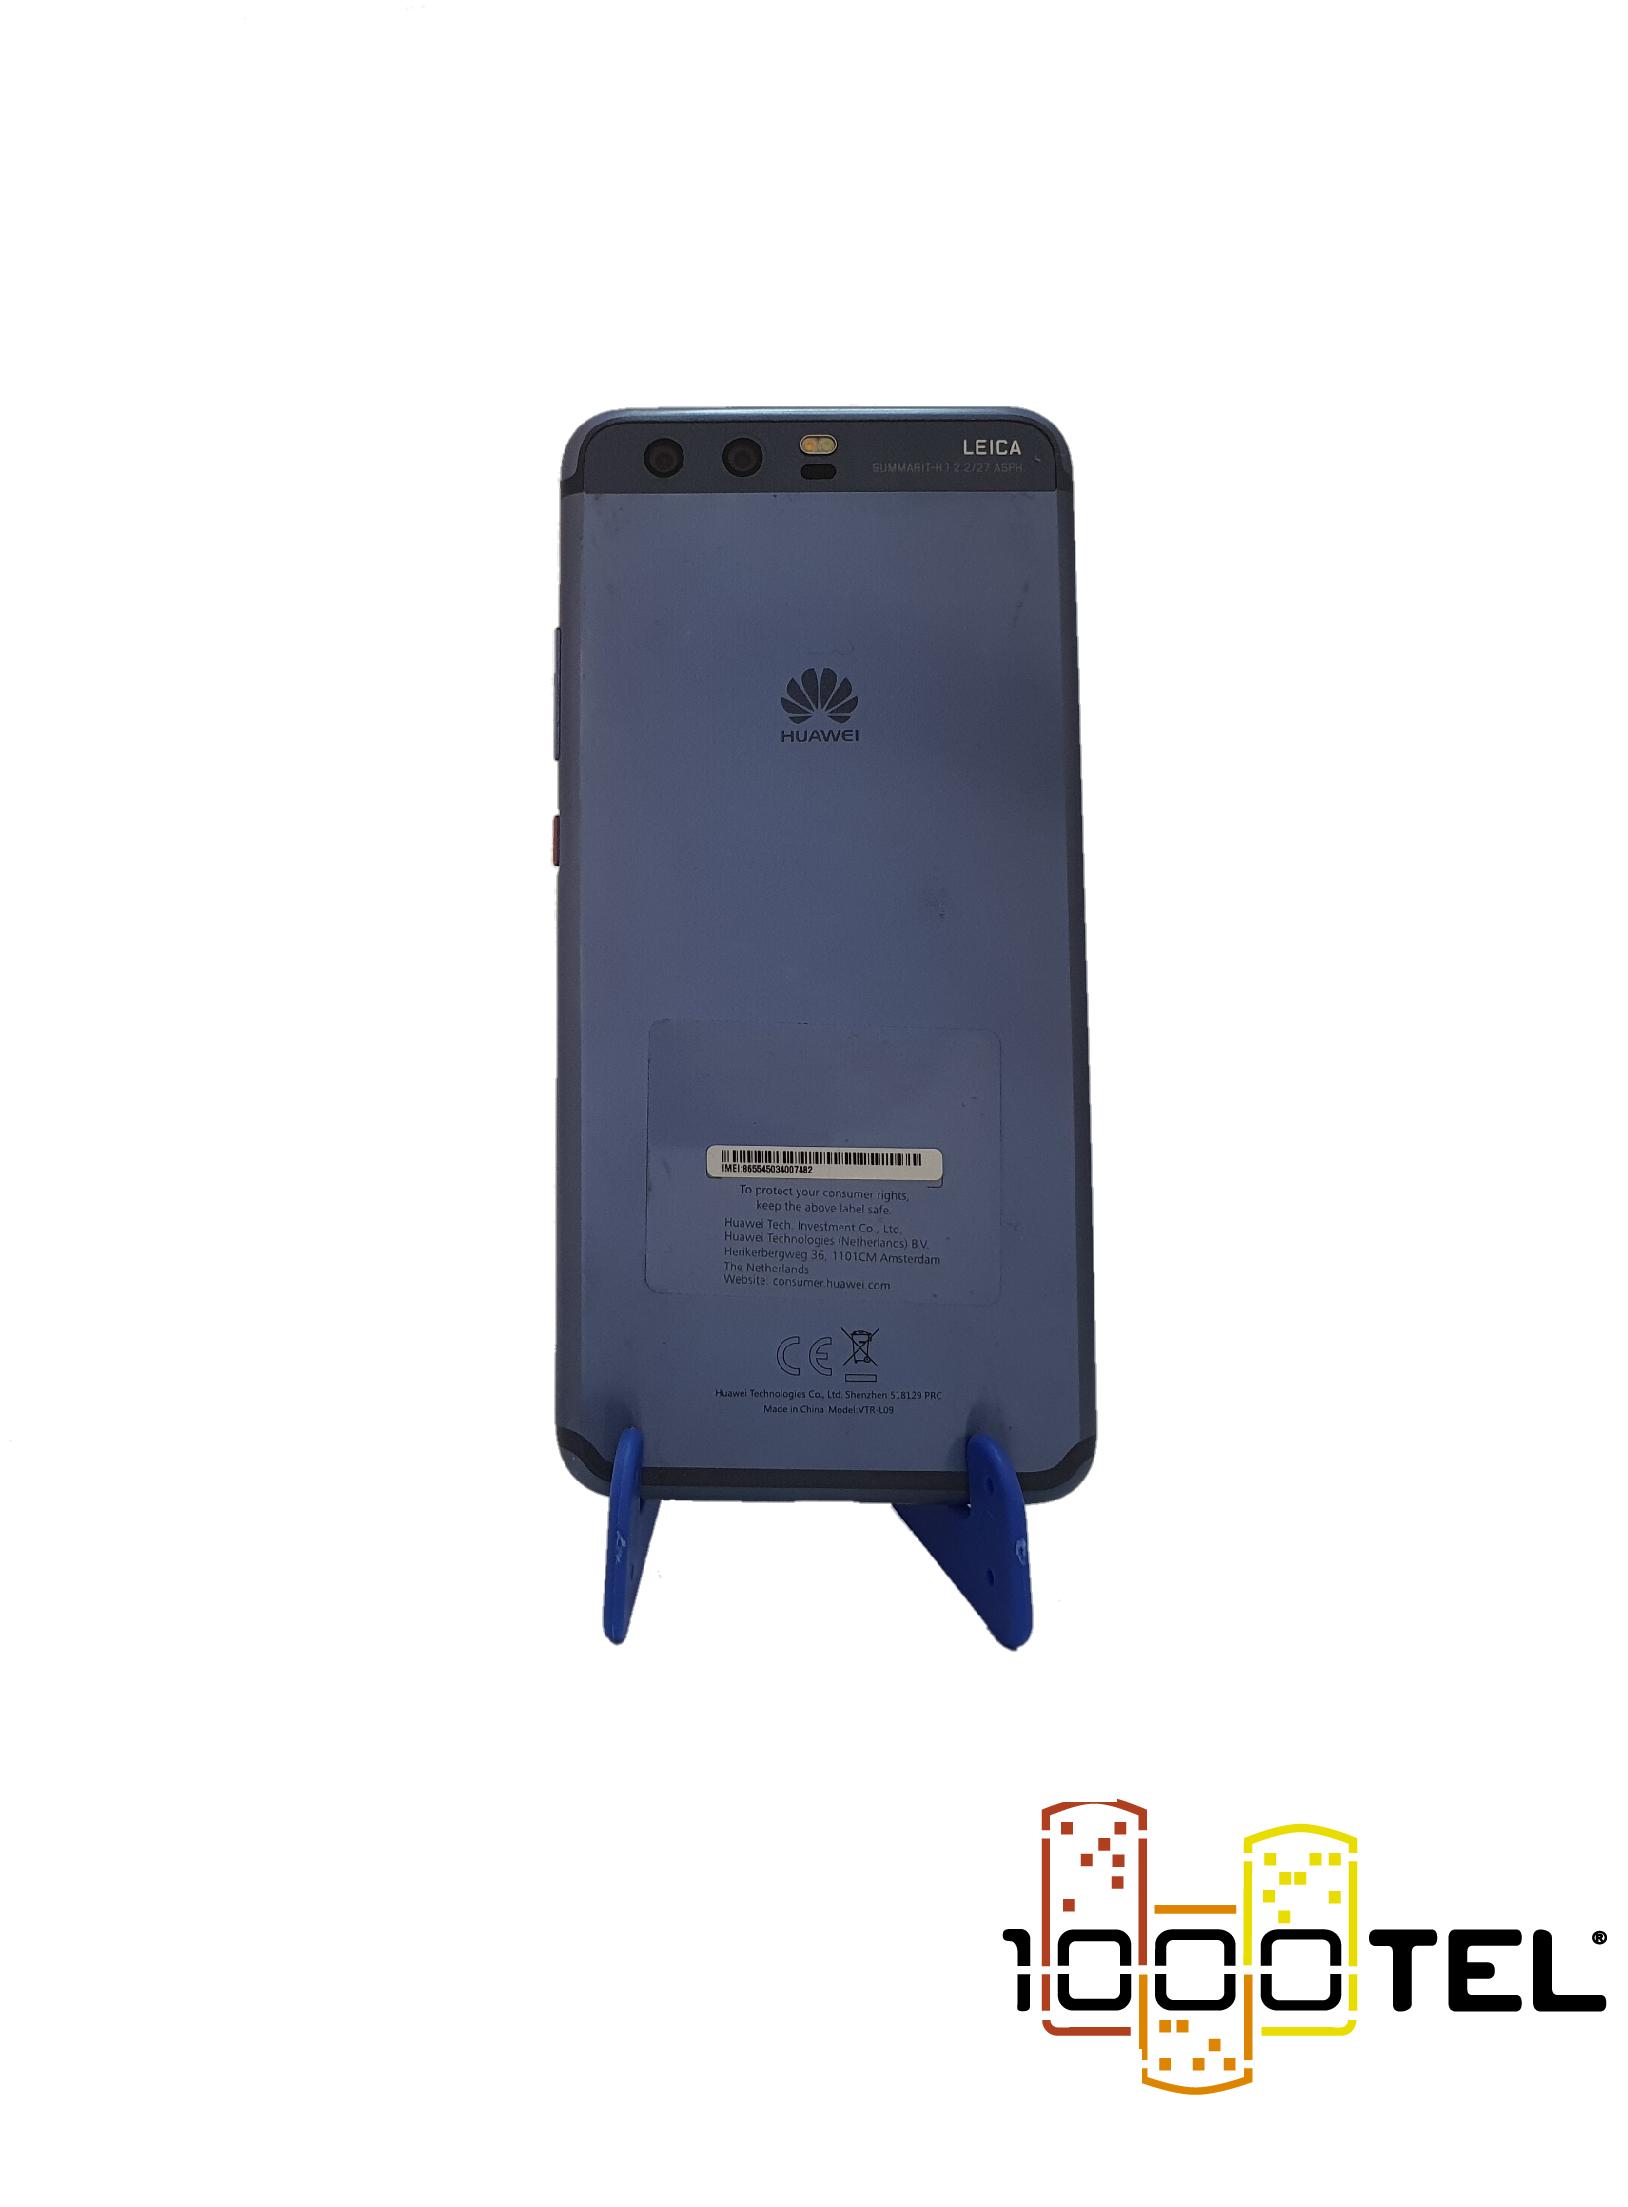 Huawei P10 #2